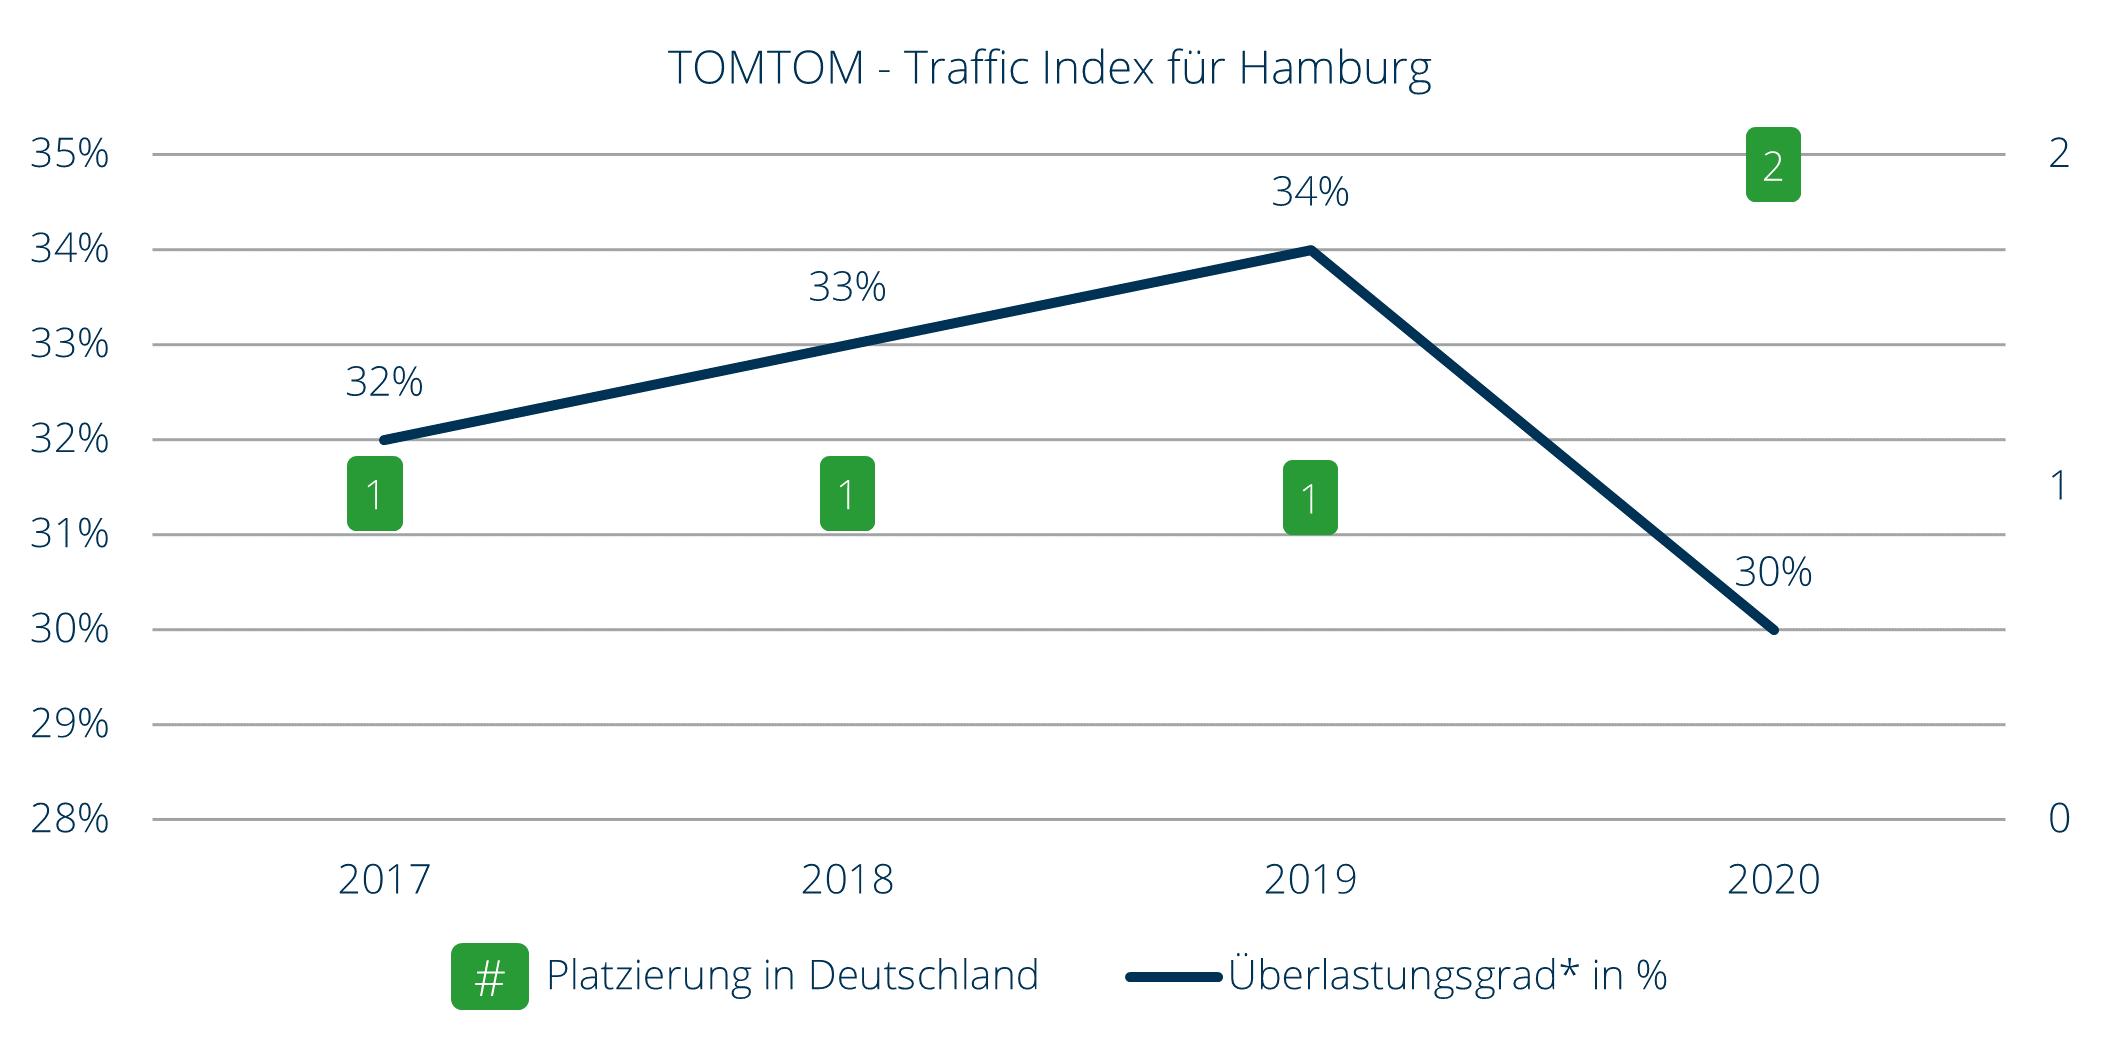 Traffic Index für Hamburg